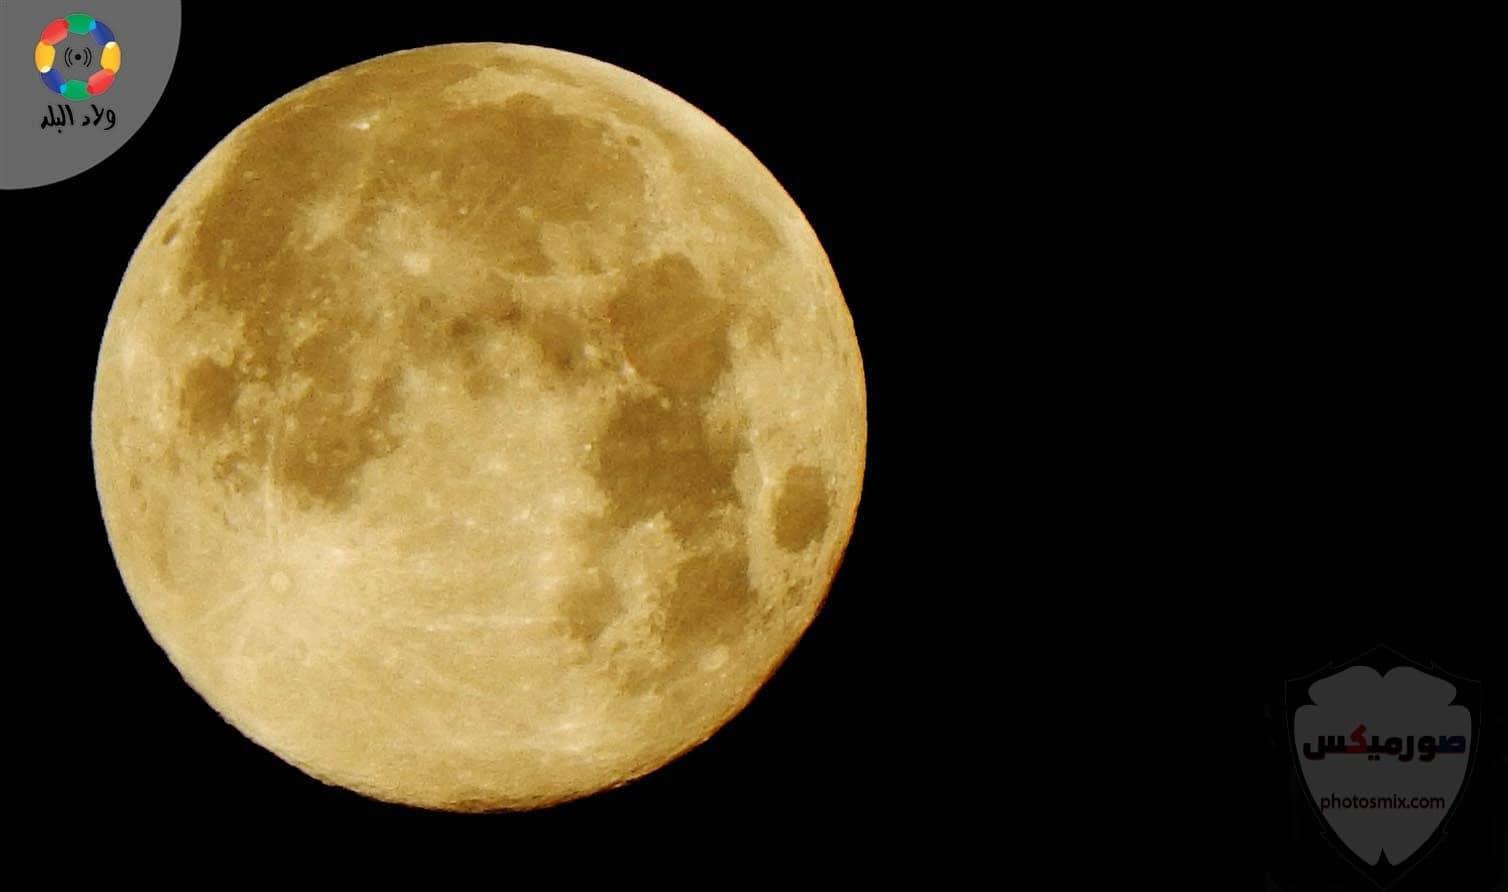 صور القمر العملاق رمزيات عن القمر العملاق صور قمر وسط النجوم 3